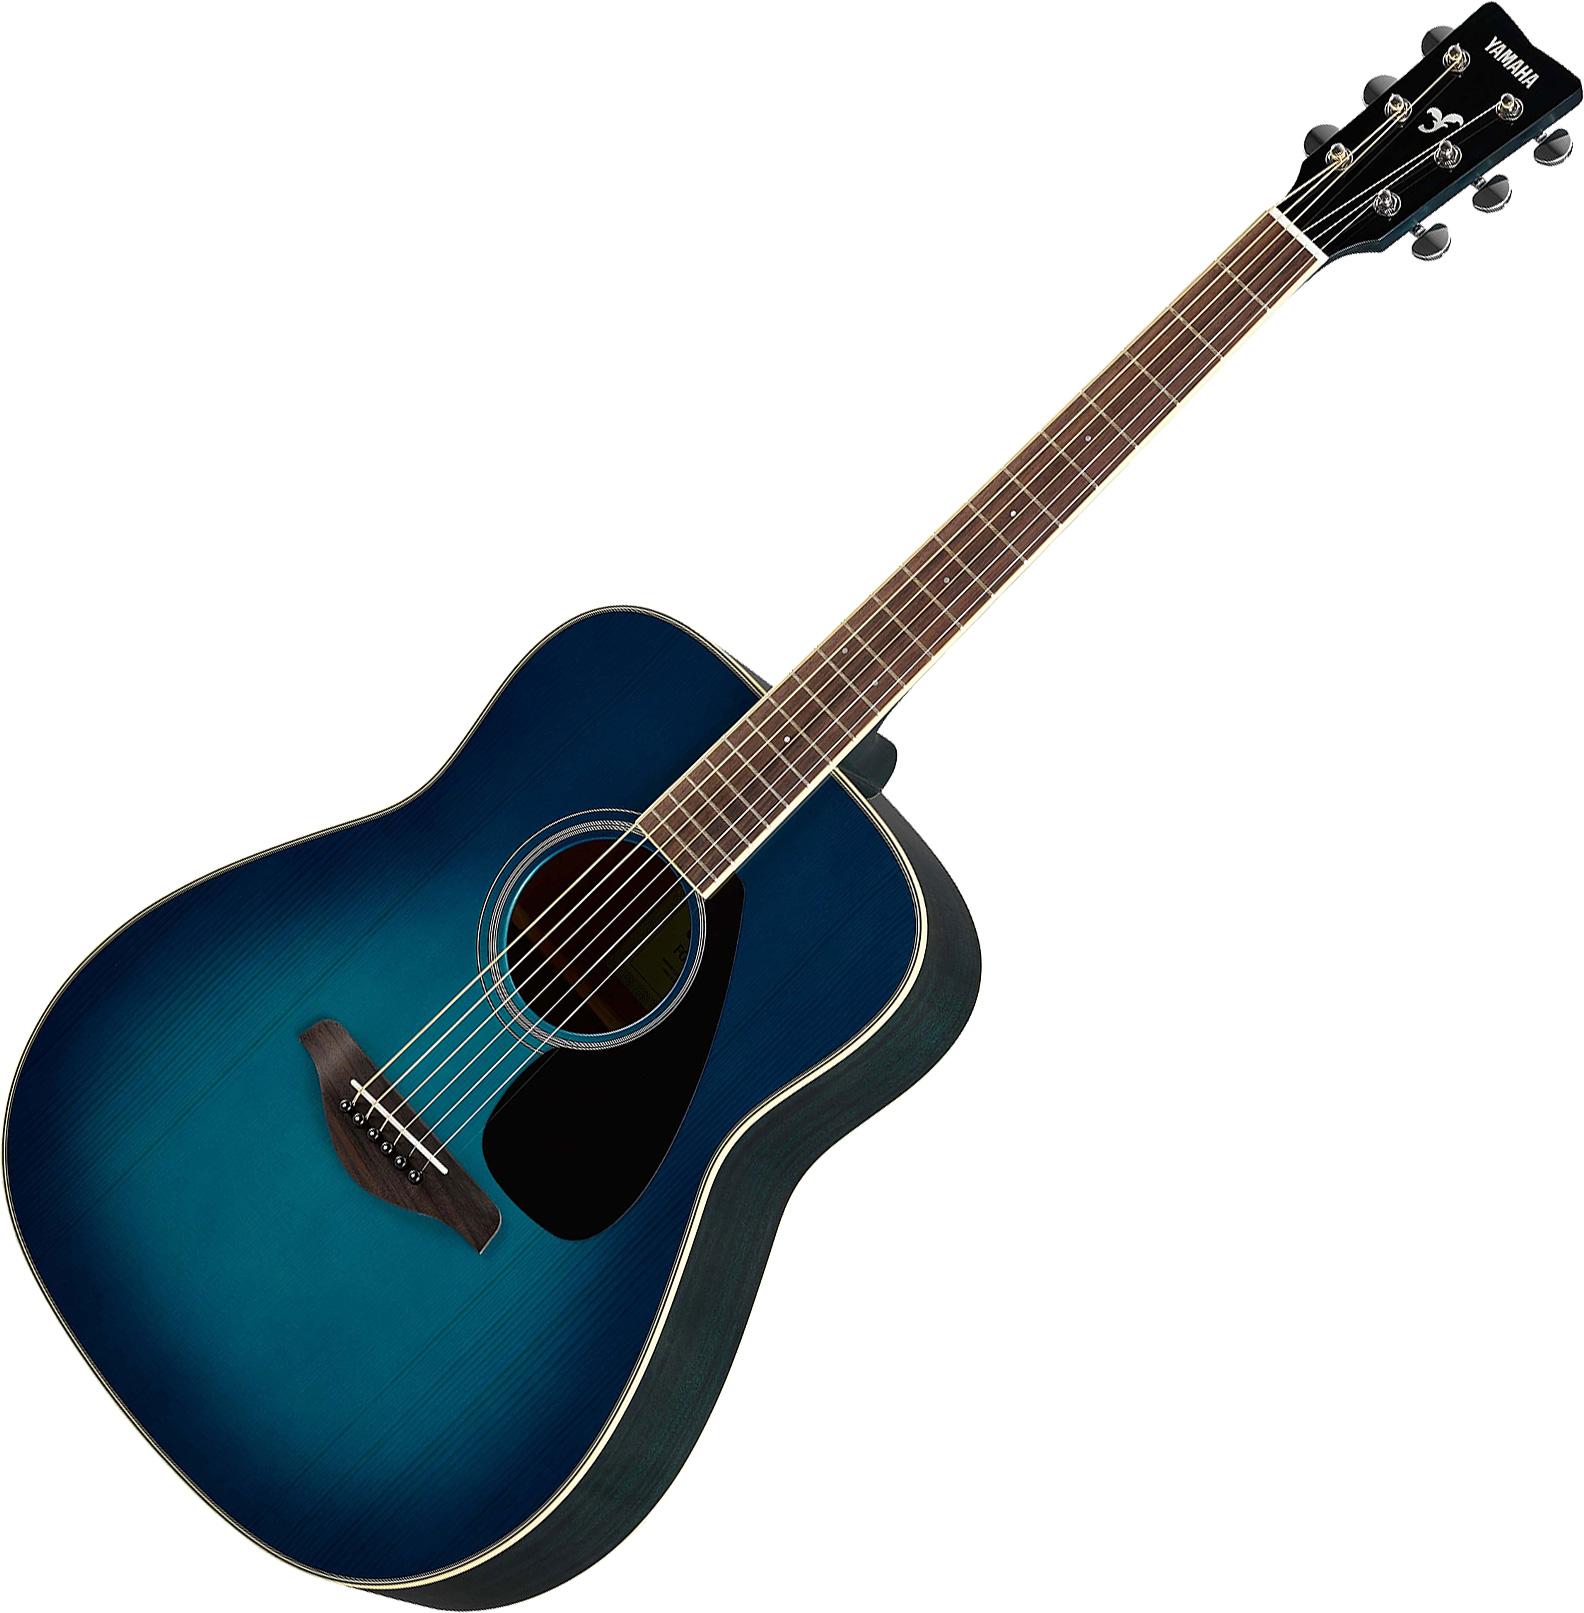 Yamaha Folk Guitar FG820 SUNSET BLUE 02